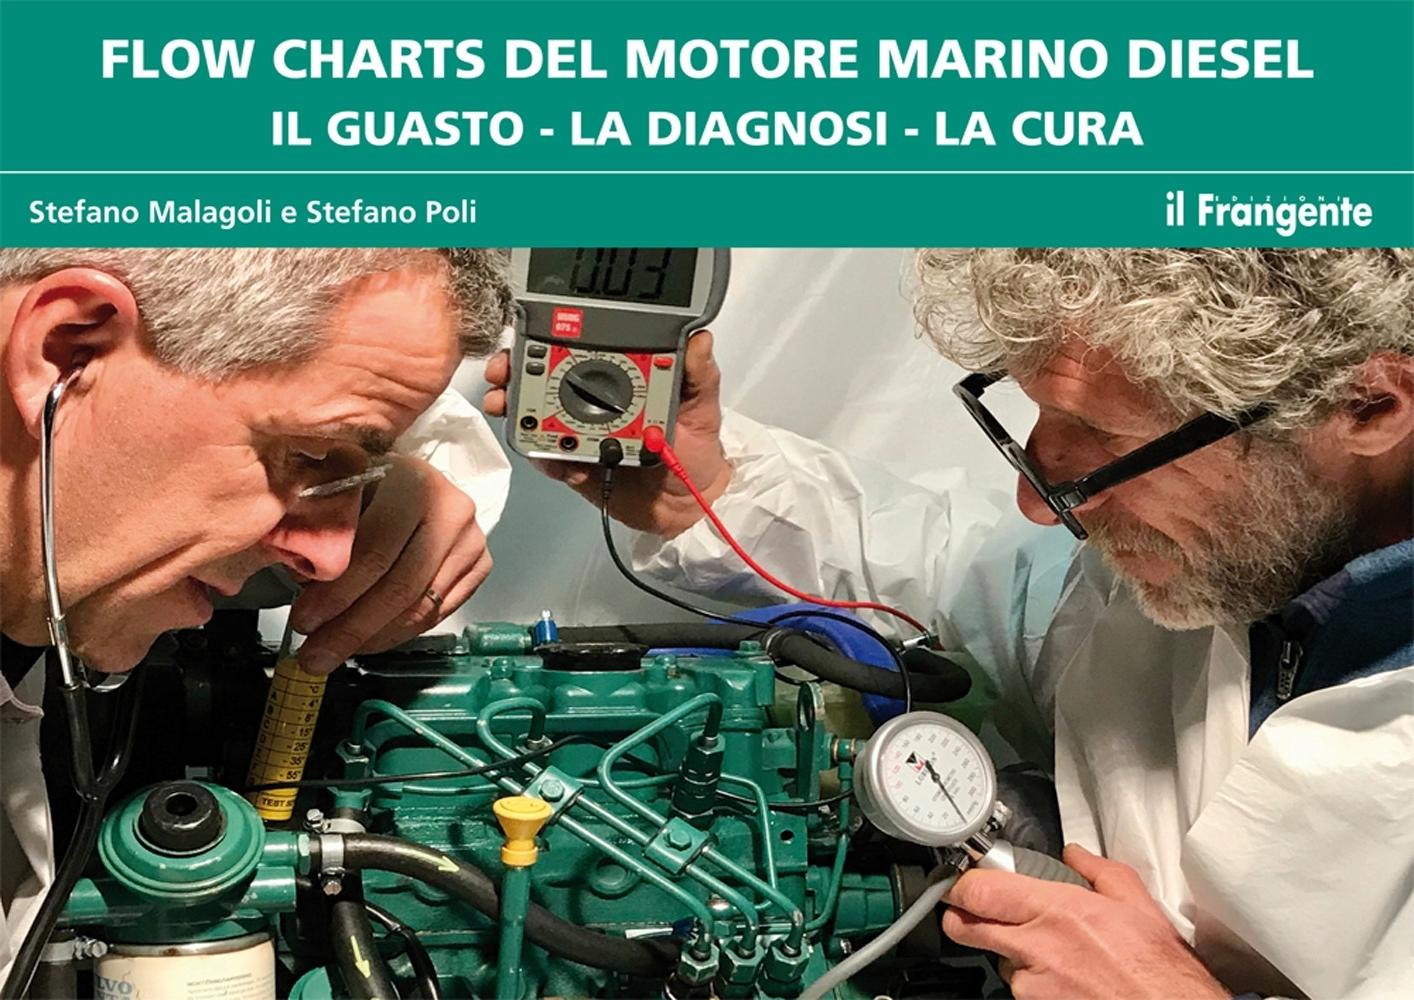 Flow charts del motore marino diesel. Il guasto, la diagnosi, la cura